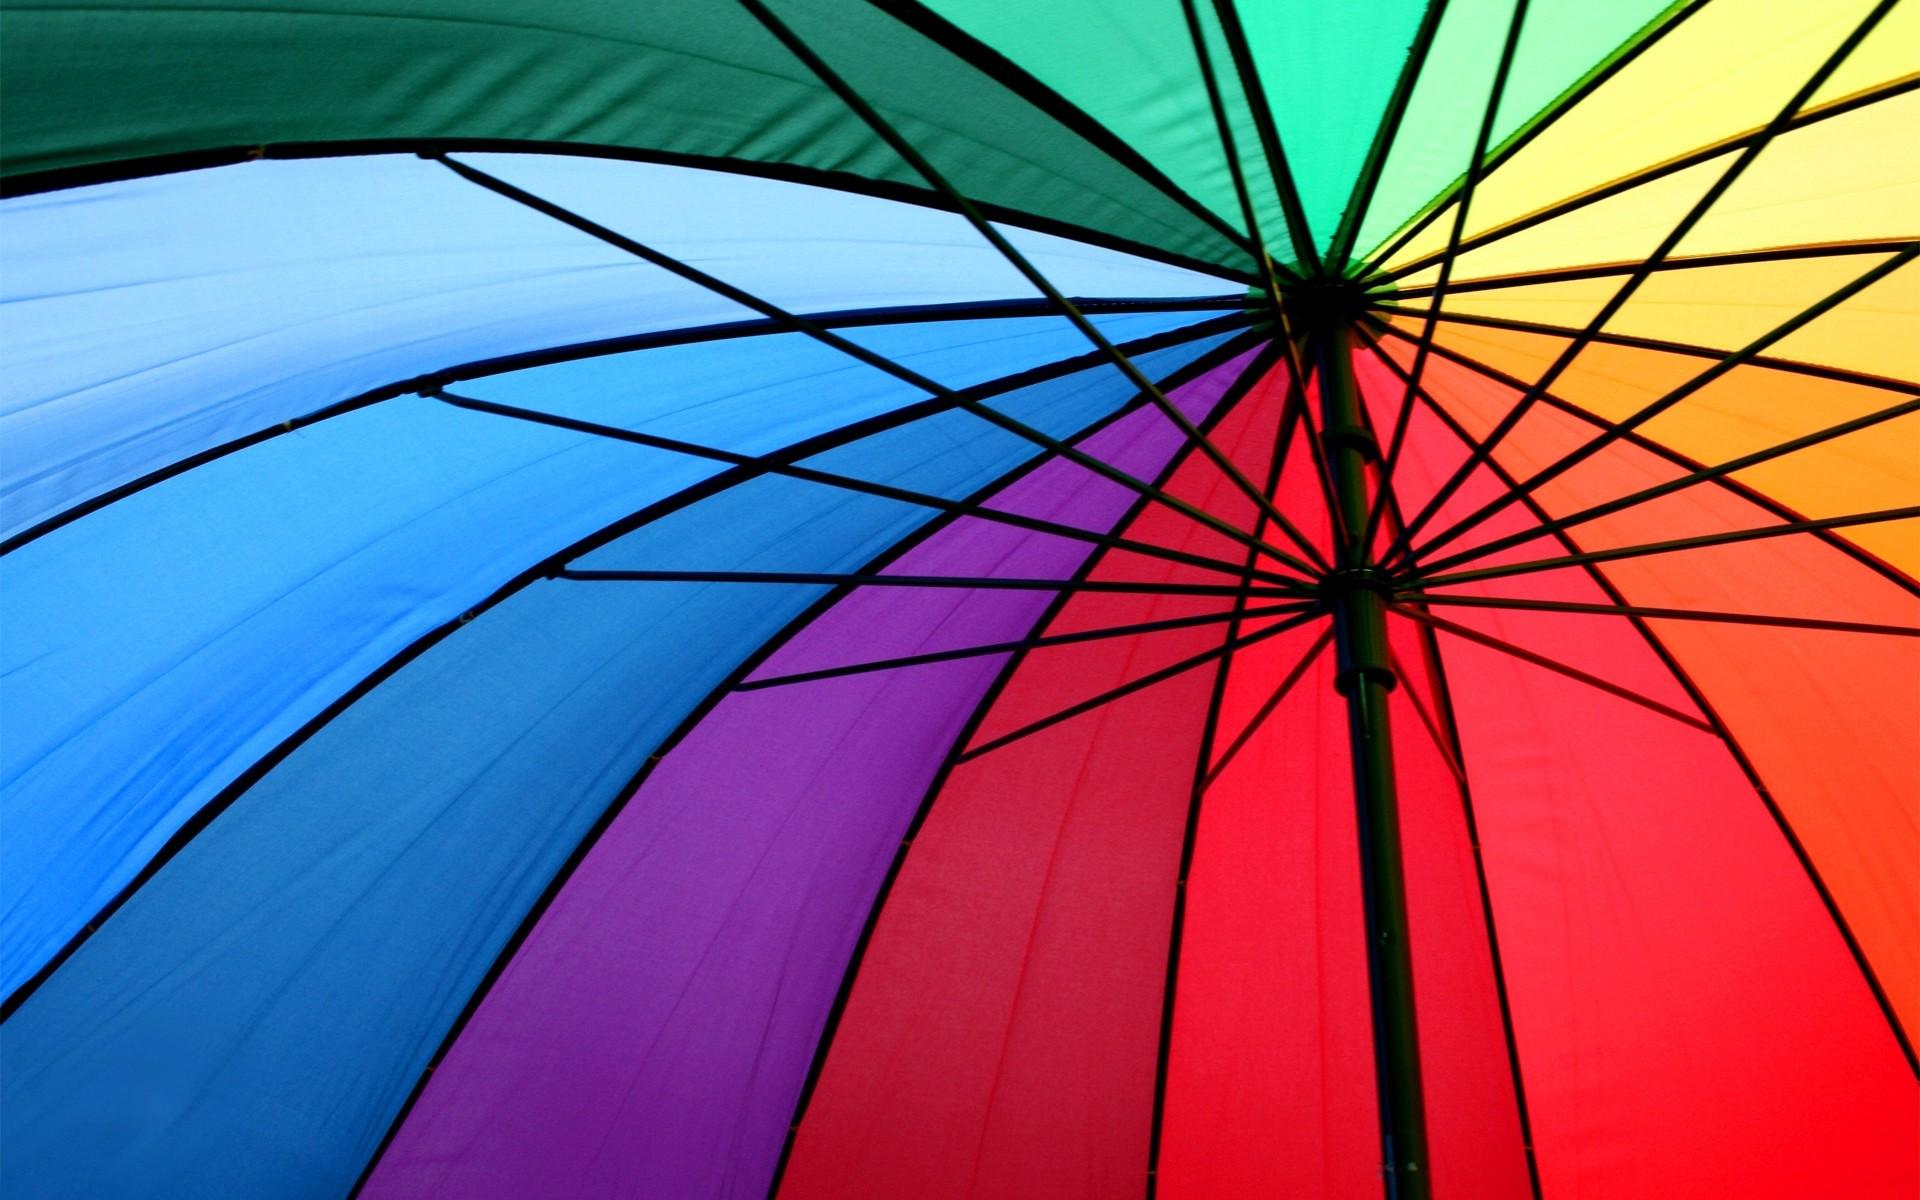 Colorful Umbrella Wallpaper HD 8254